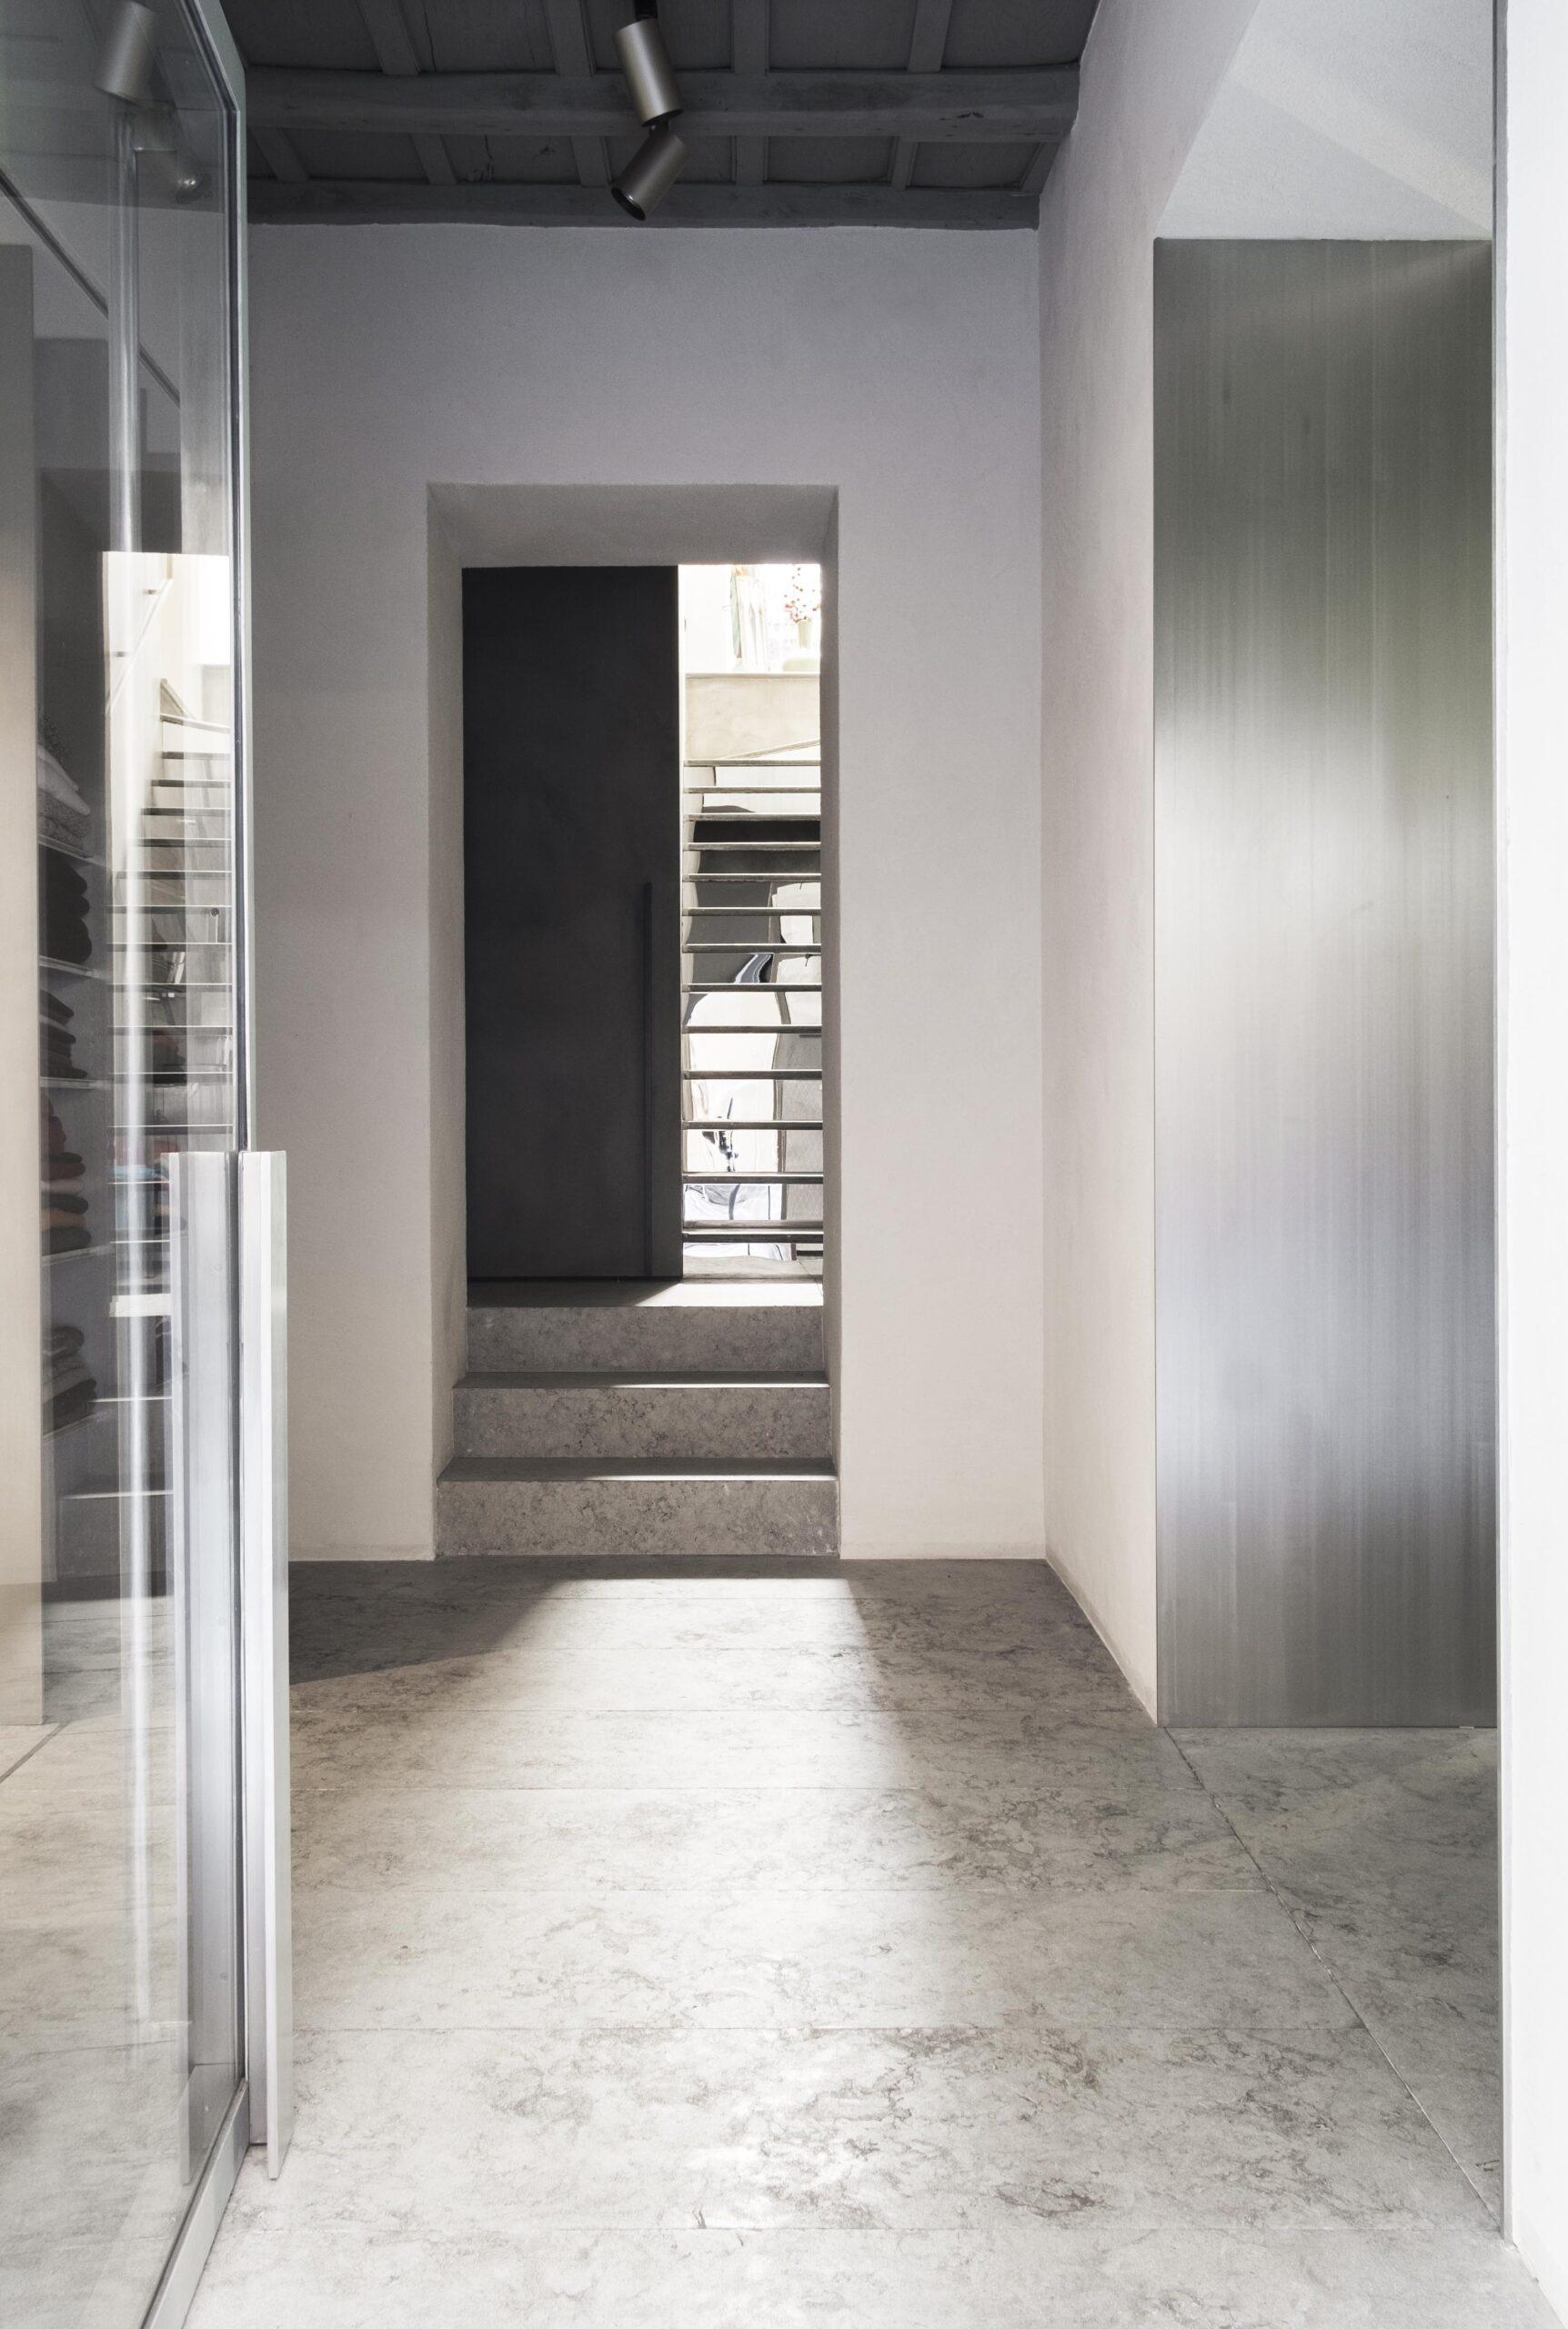 Porta d'ingresso realizzata da Metal Proget per NIA Boutique di Roma, seguendo il progetto firmato dallo Studio Morq.